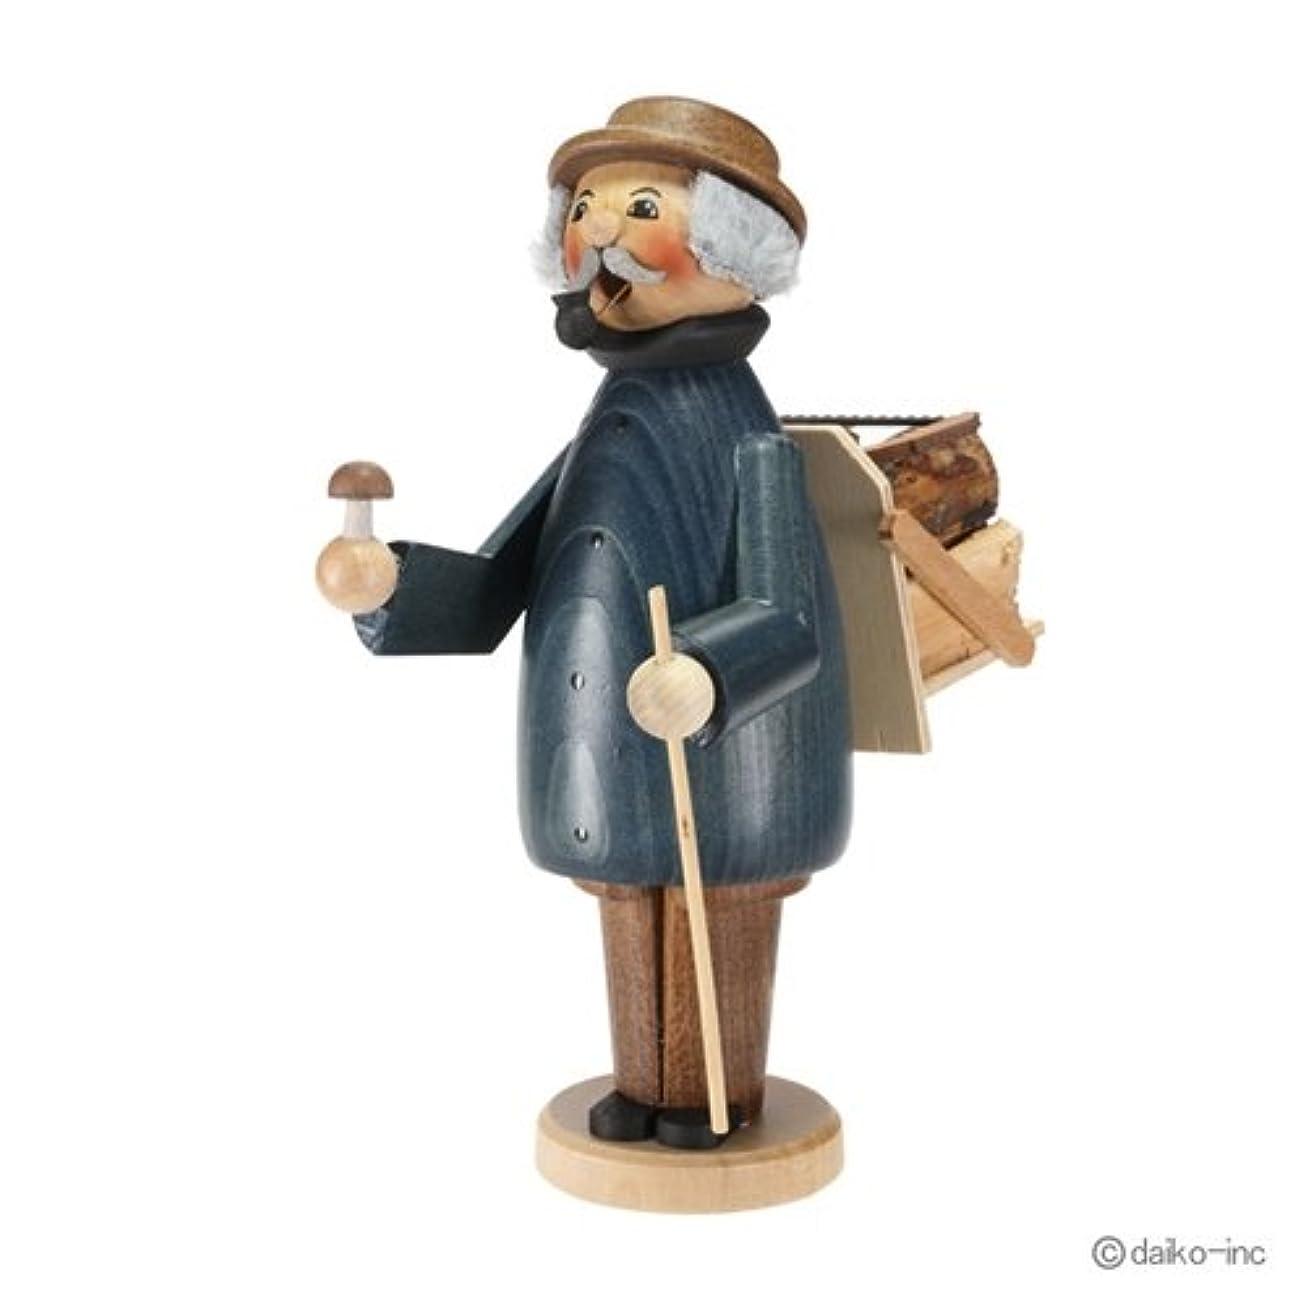 素晴らしい良い多くの防ぐ魅了するクーネルト kuhnert ミニパイプ人形香炉 薪拾い